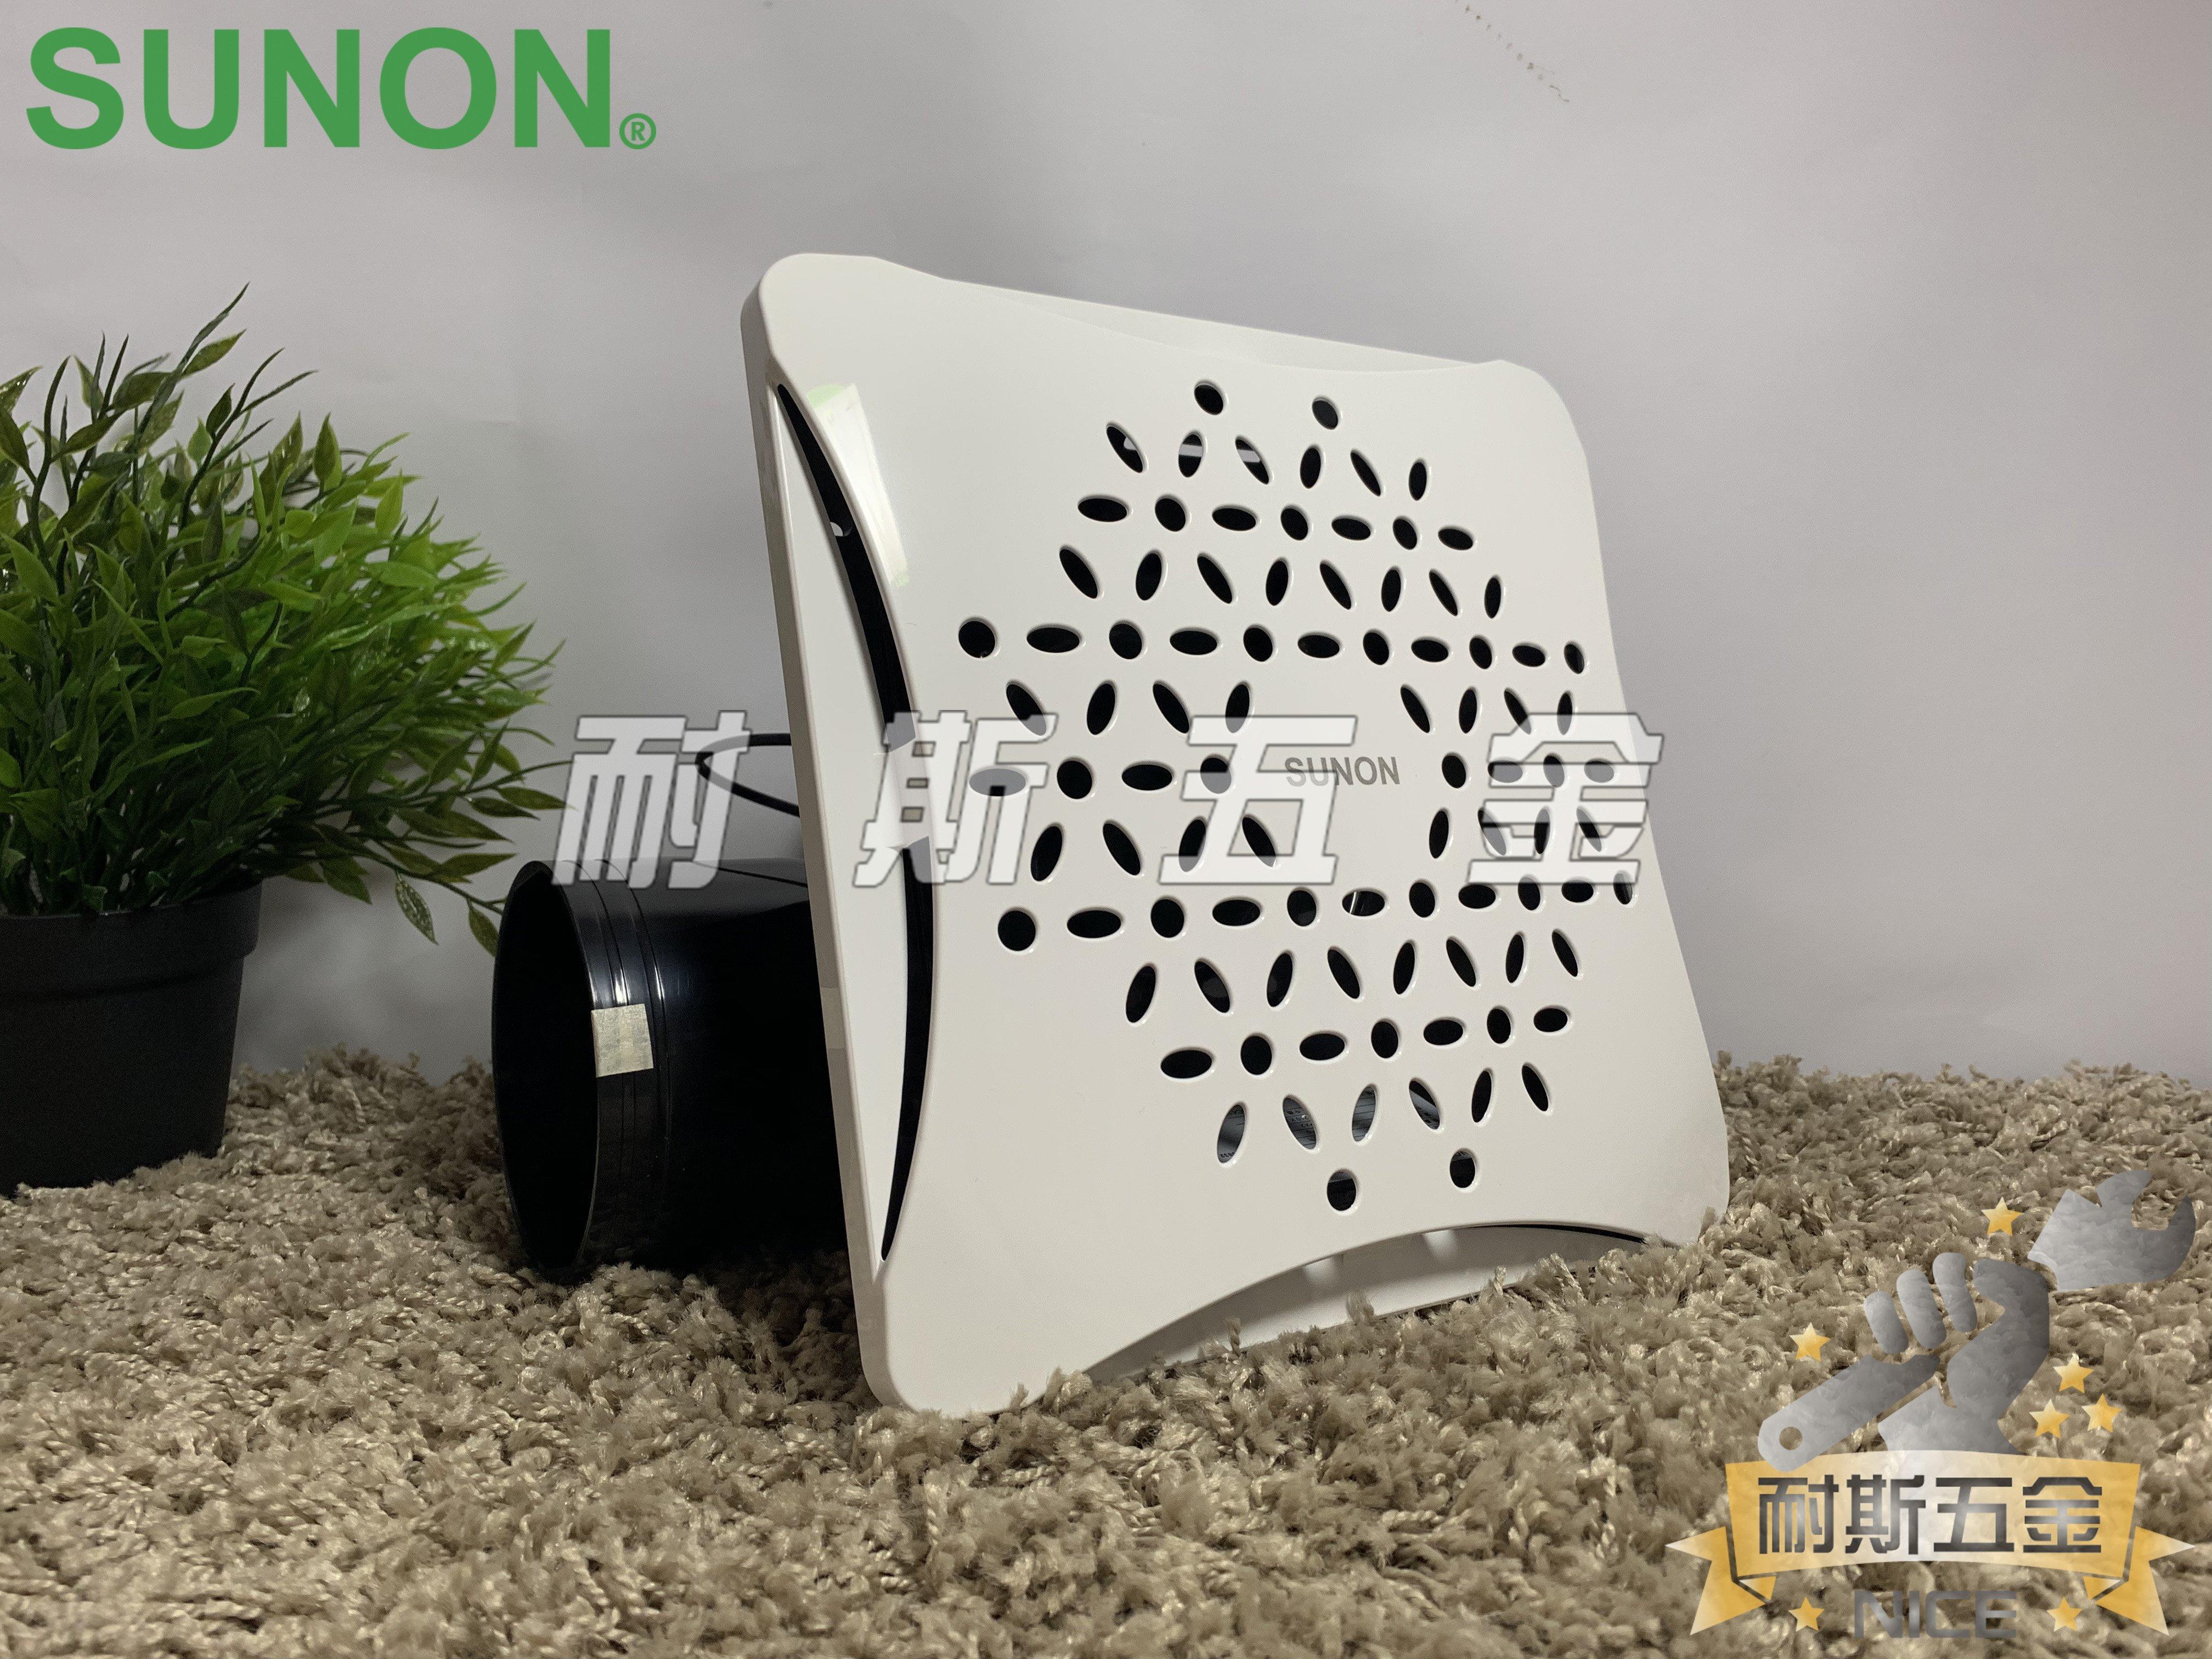 【耐斯 】免運 建準SUNON BVT21A015 『DC直流變頻』雕花 換氣扇 ECO 節能換氣扇 浴室抽風機